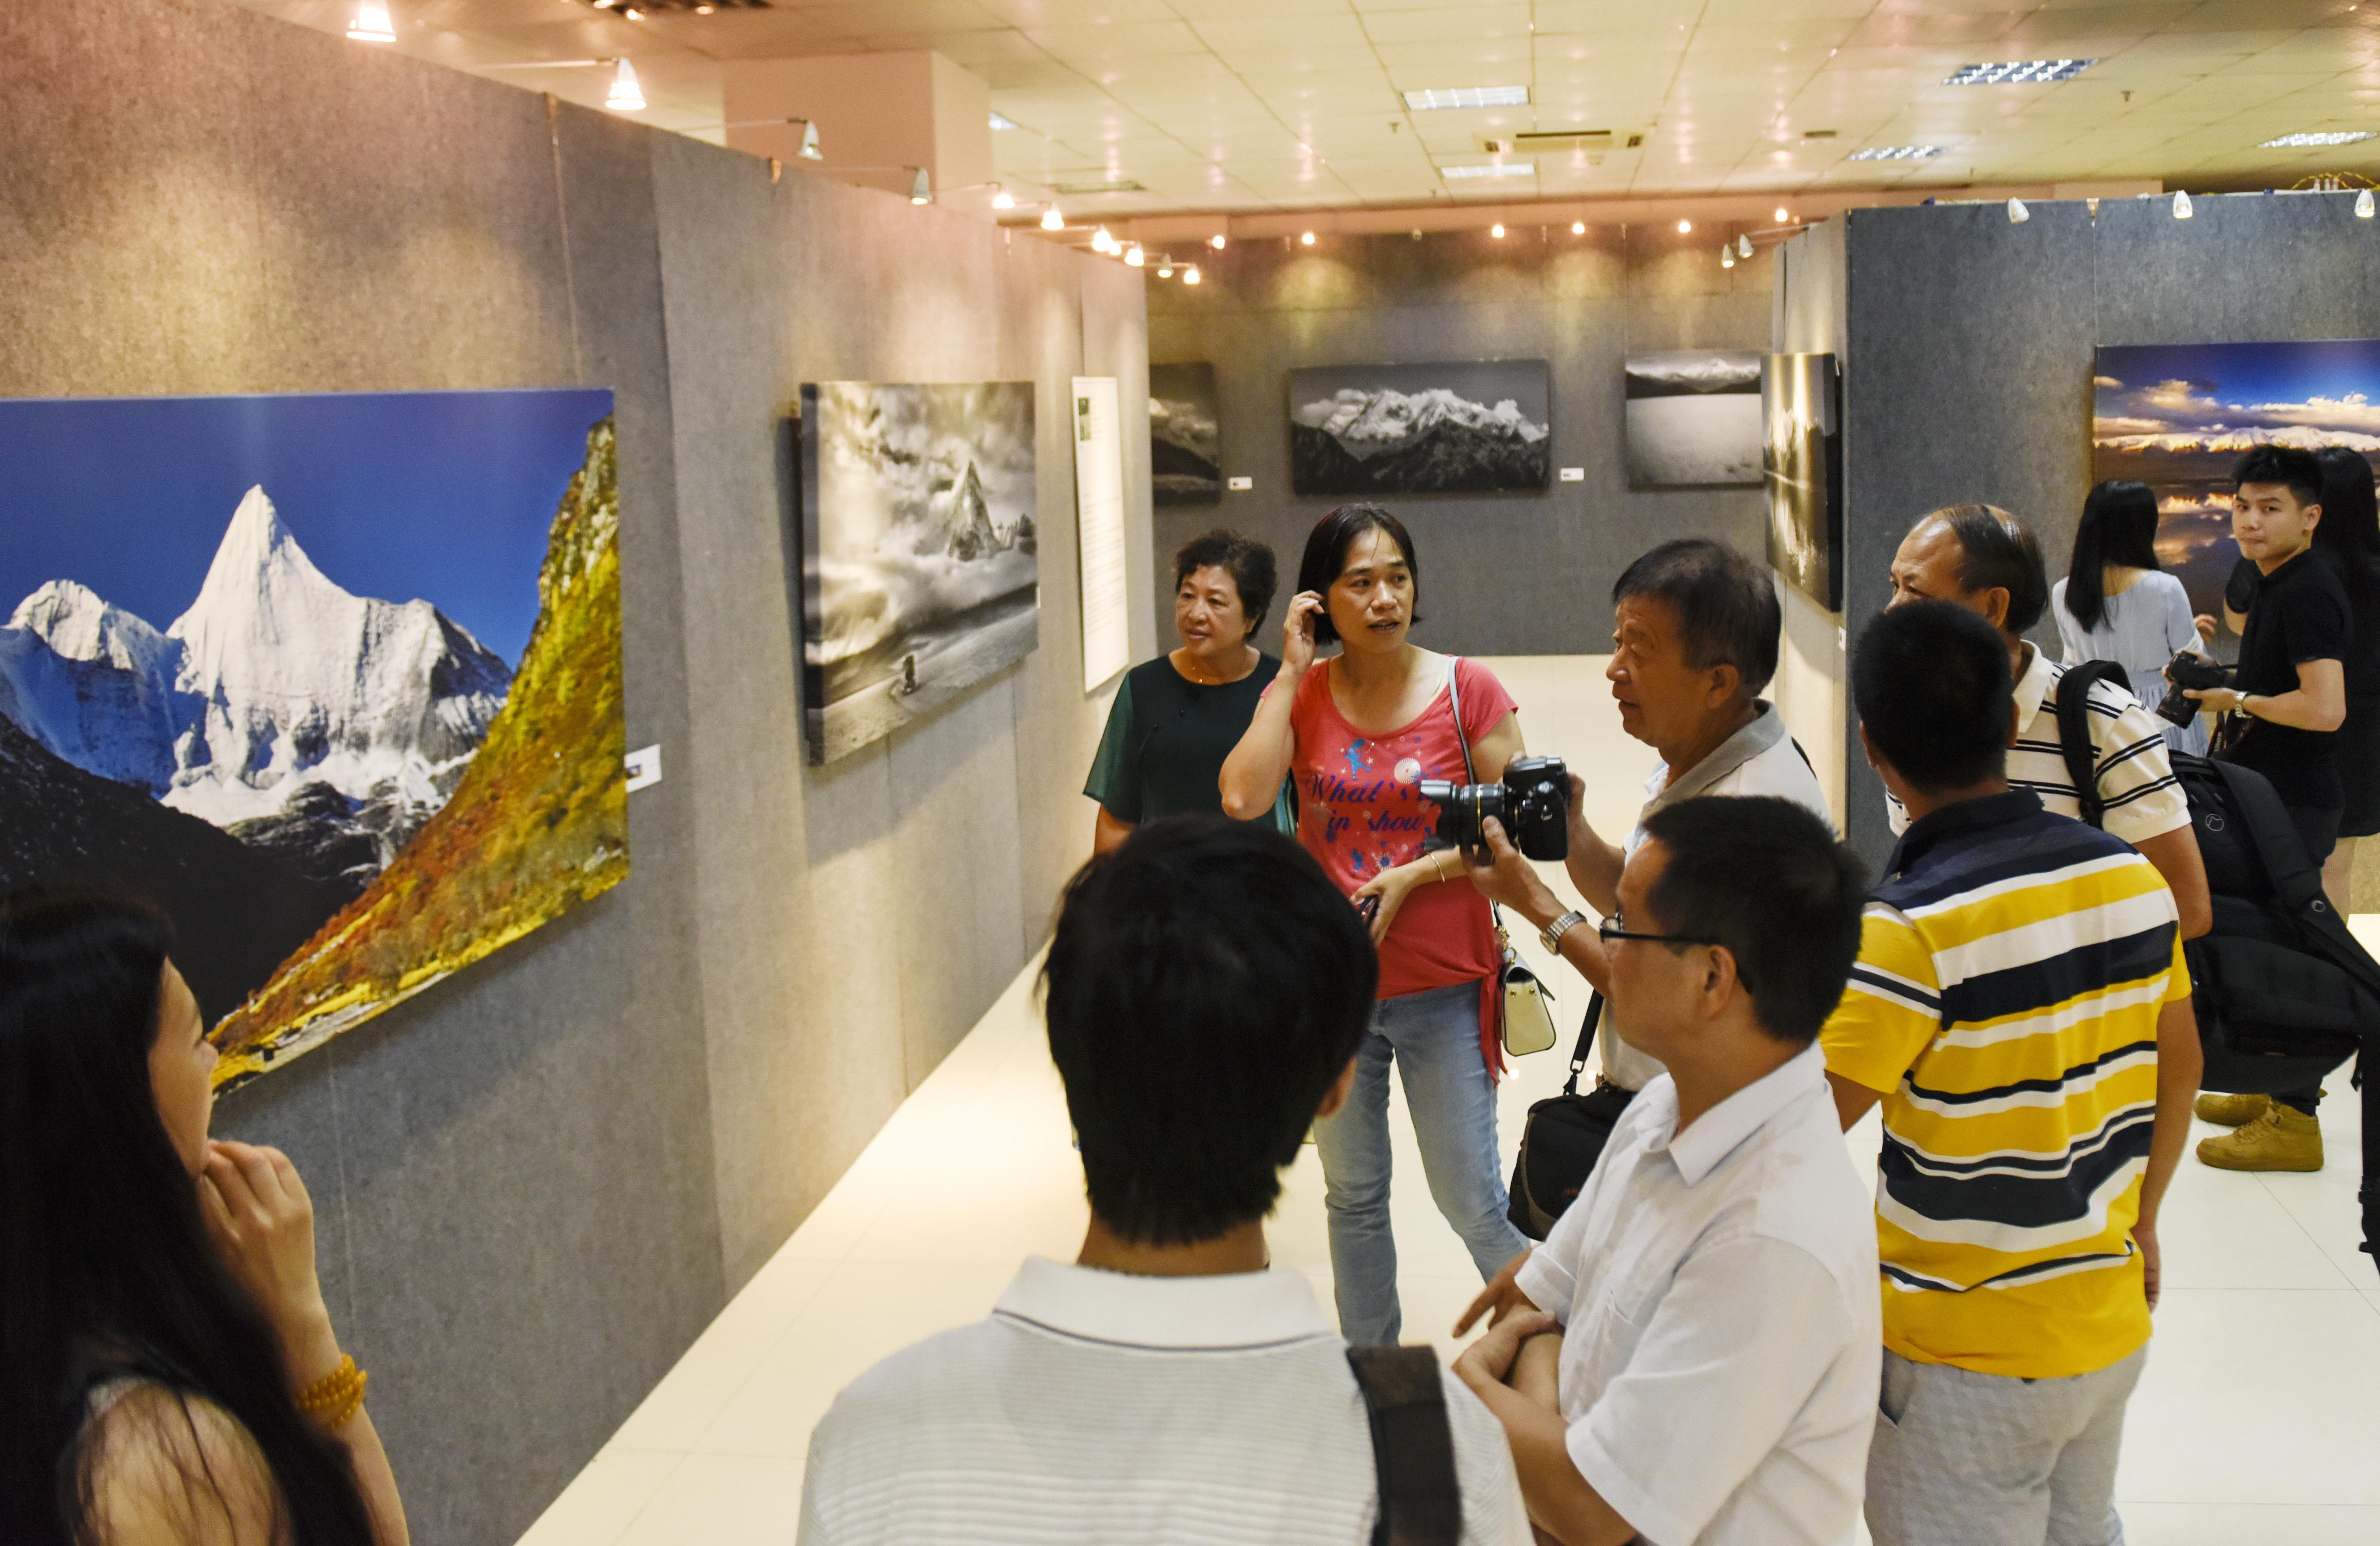 东莞市文化馆将精品展览送到基层分馆